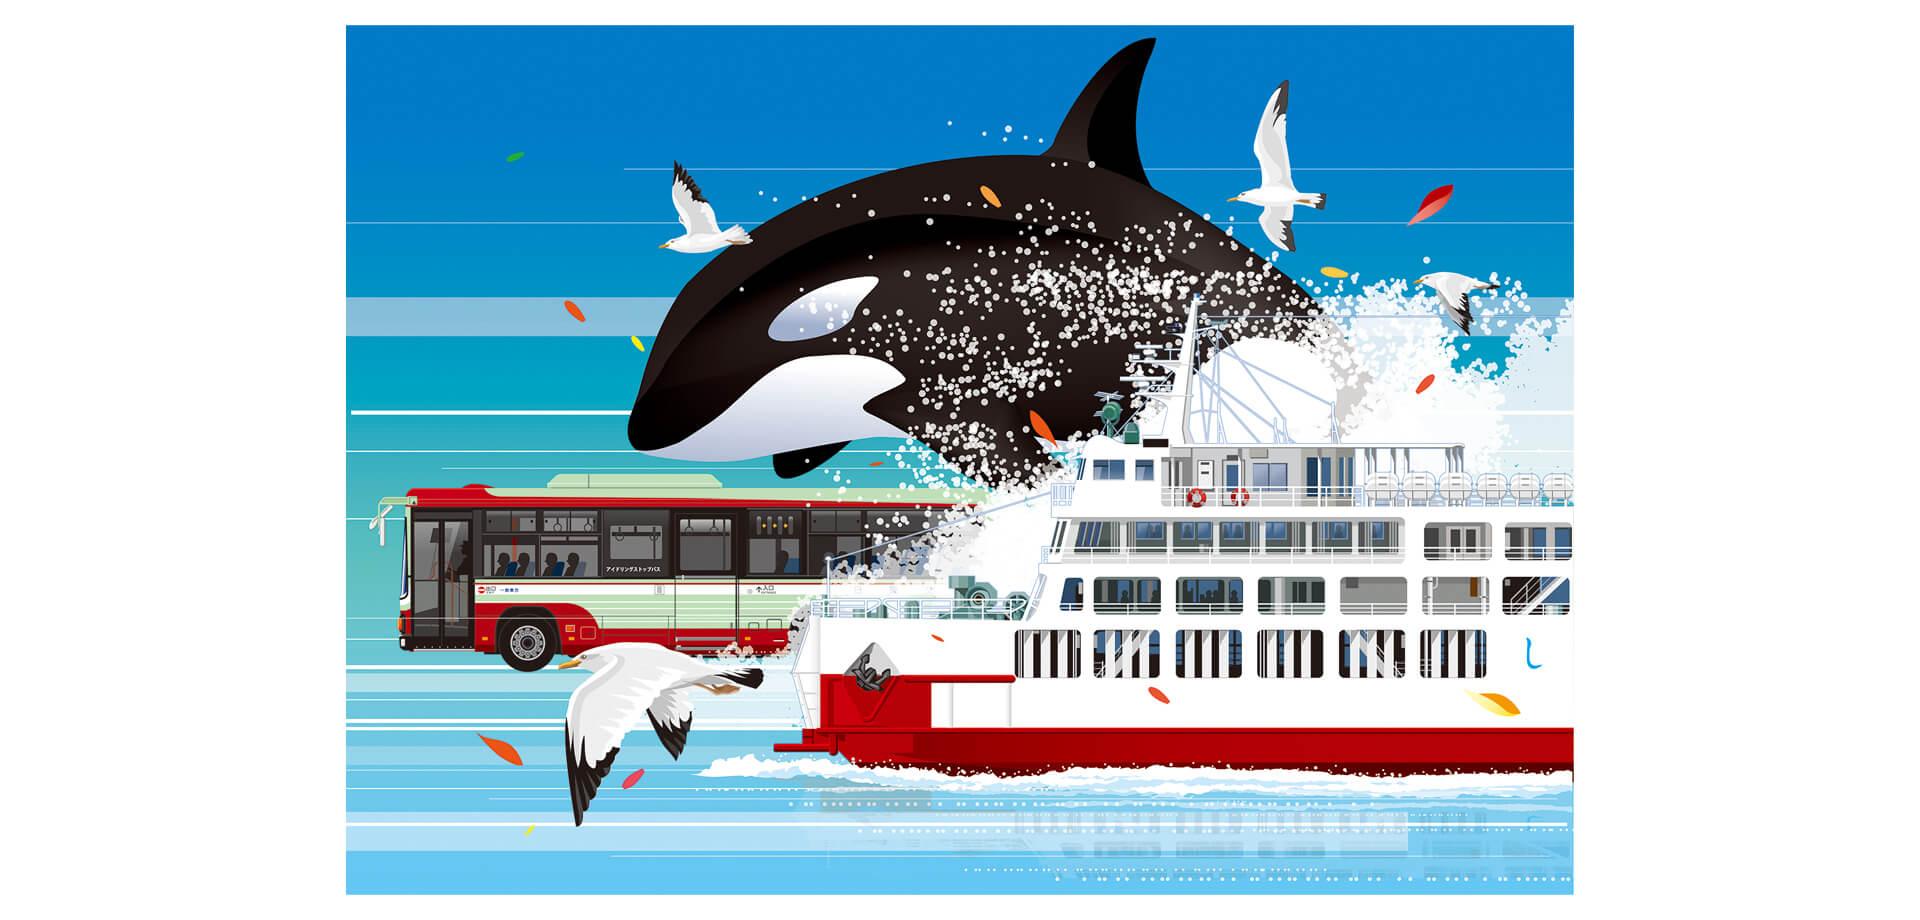 東京湾フェリー・日東交通・鴨川シーワールド 共同企画 「らくらくチケット サンキュー!キャンペーン」